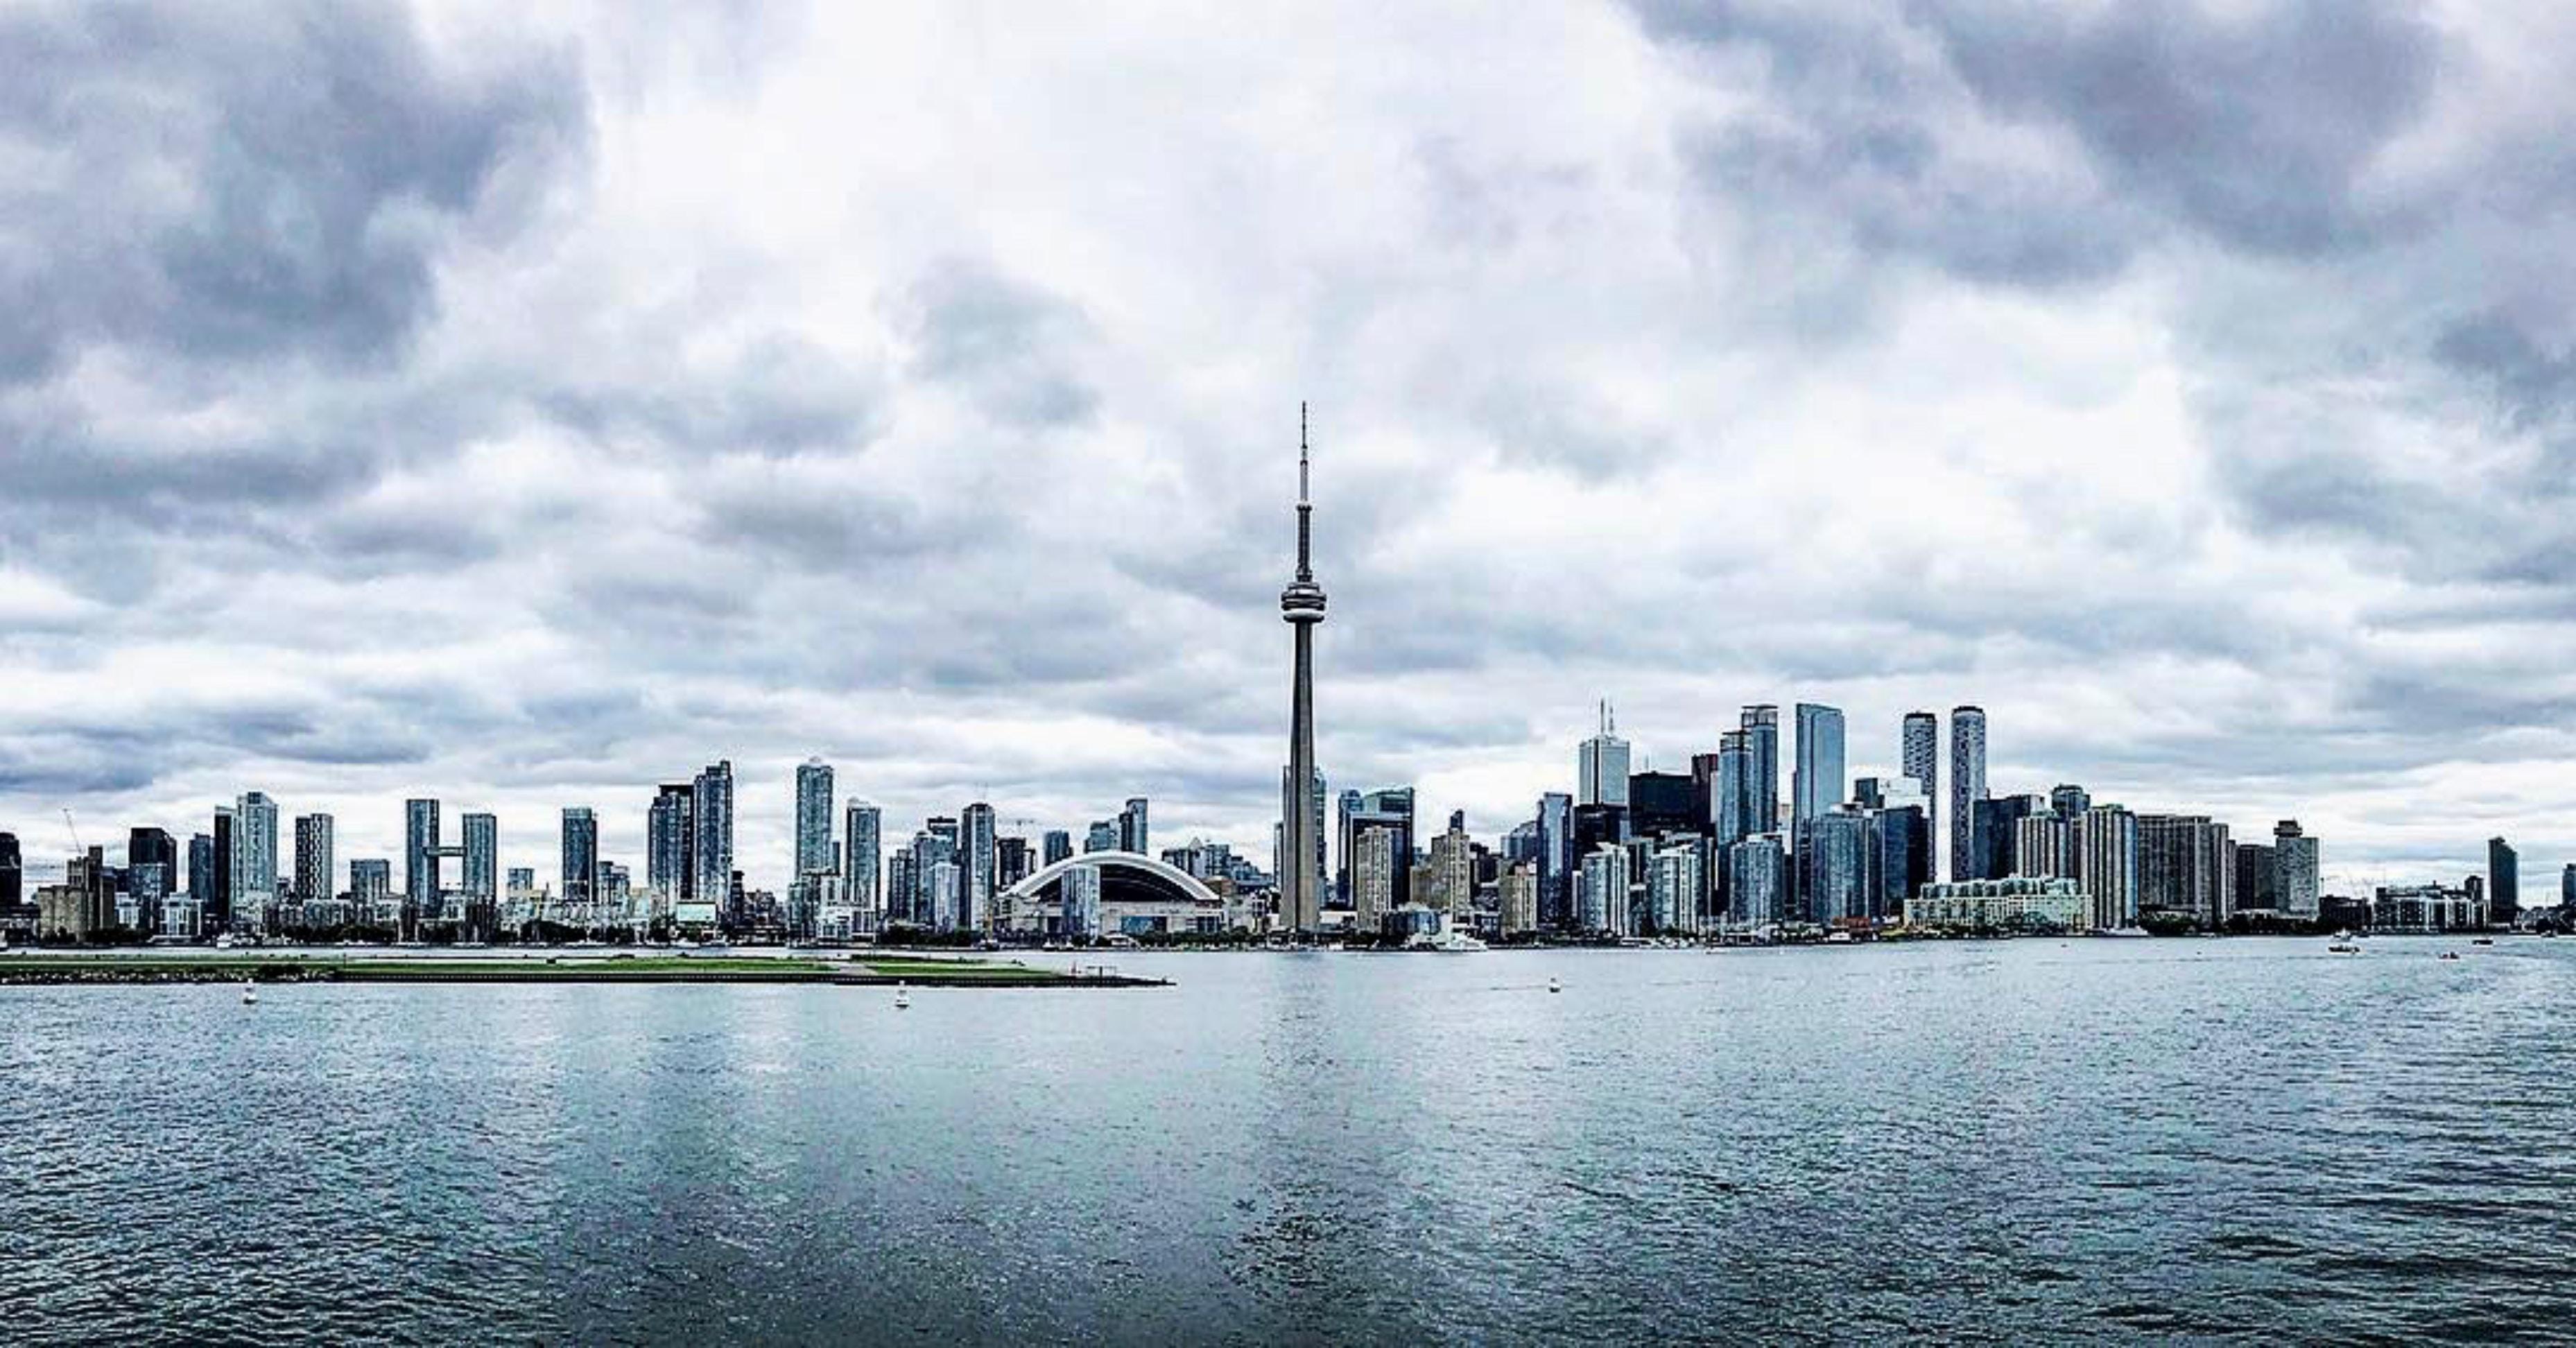 Digital Services at your door in Toronto